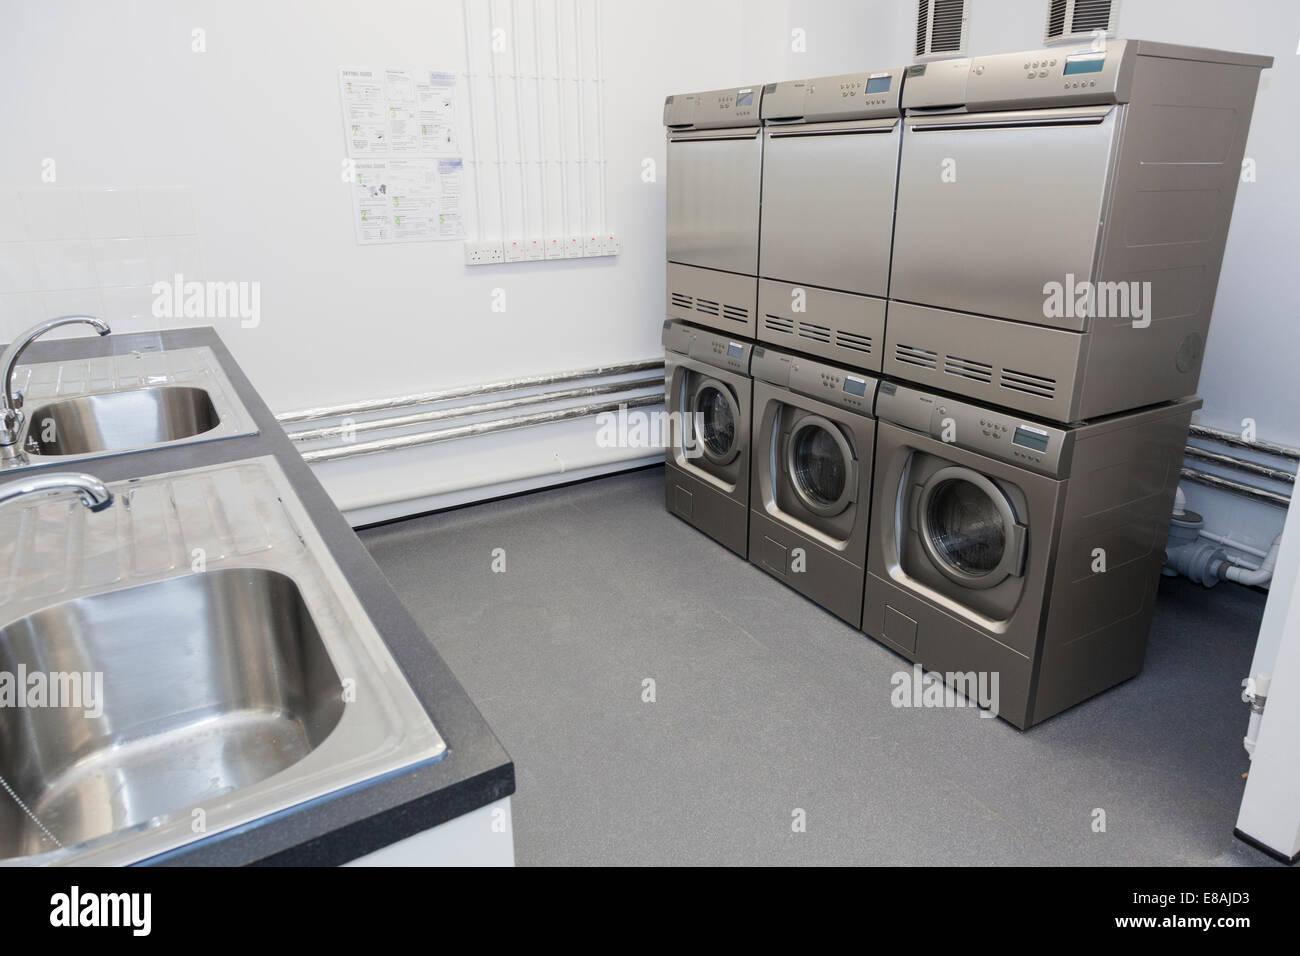 Waschküche gemeinschaftliche waschküche mit waschmaschinen und wäschetrockner